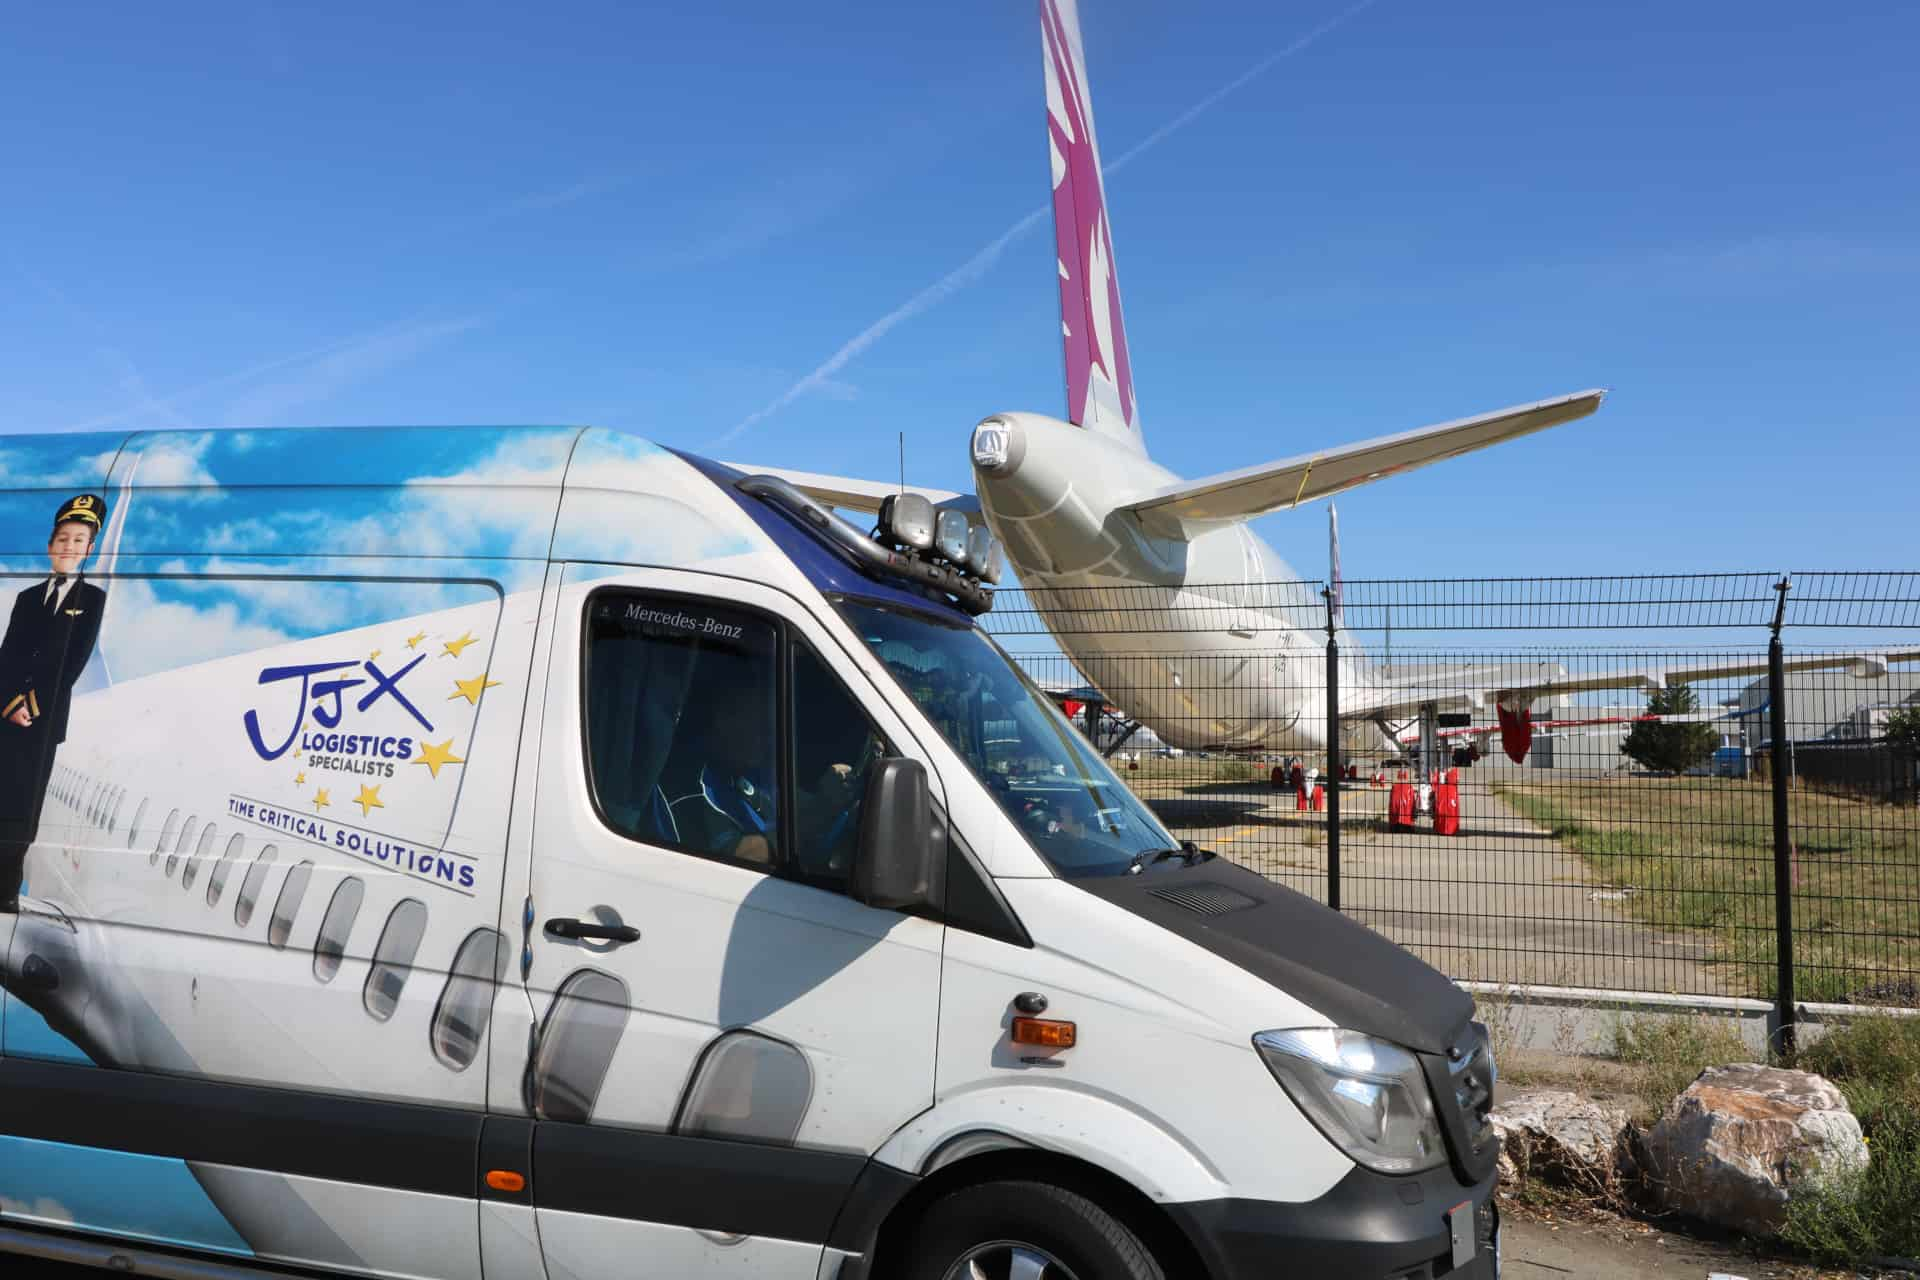 JJX van and plane